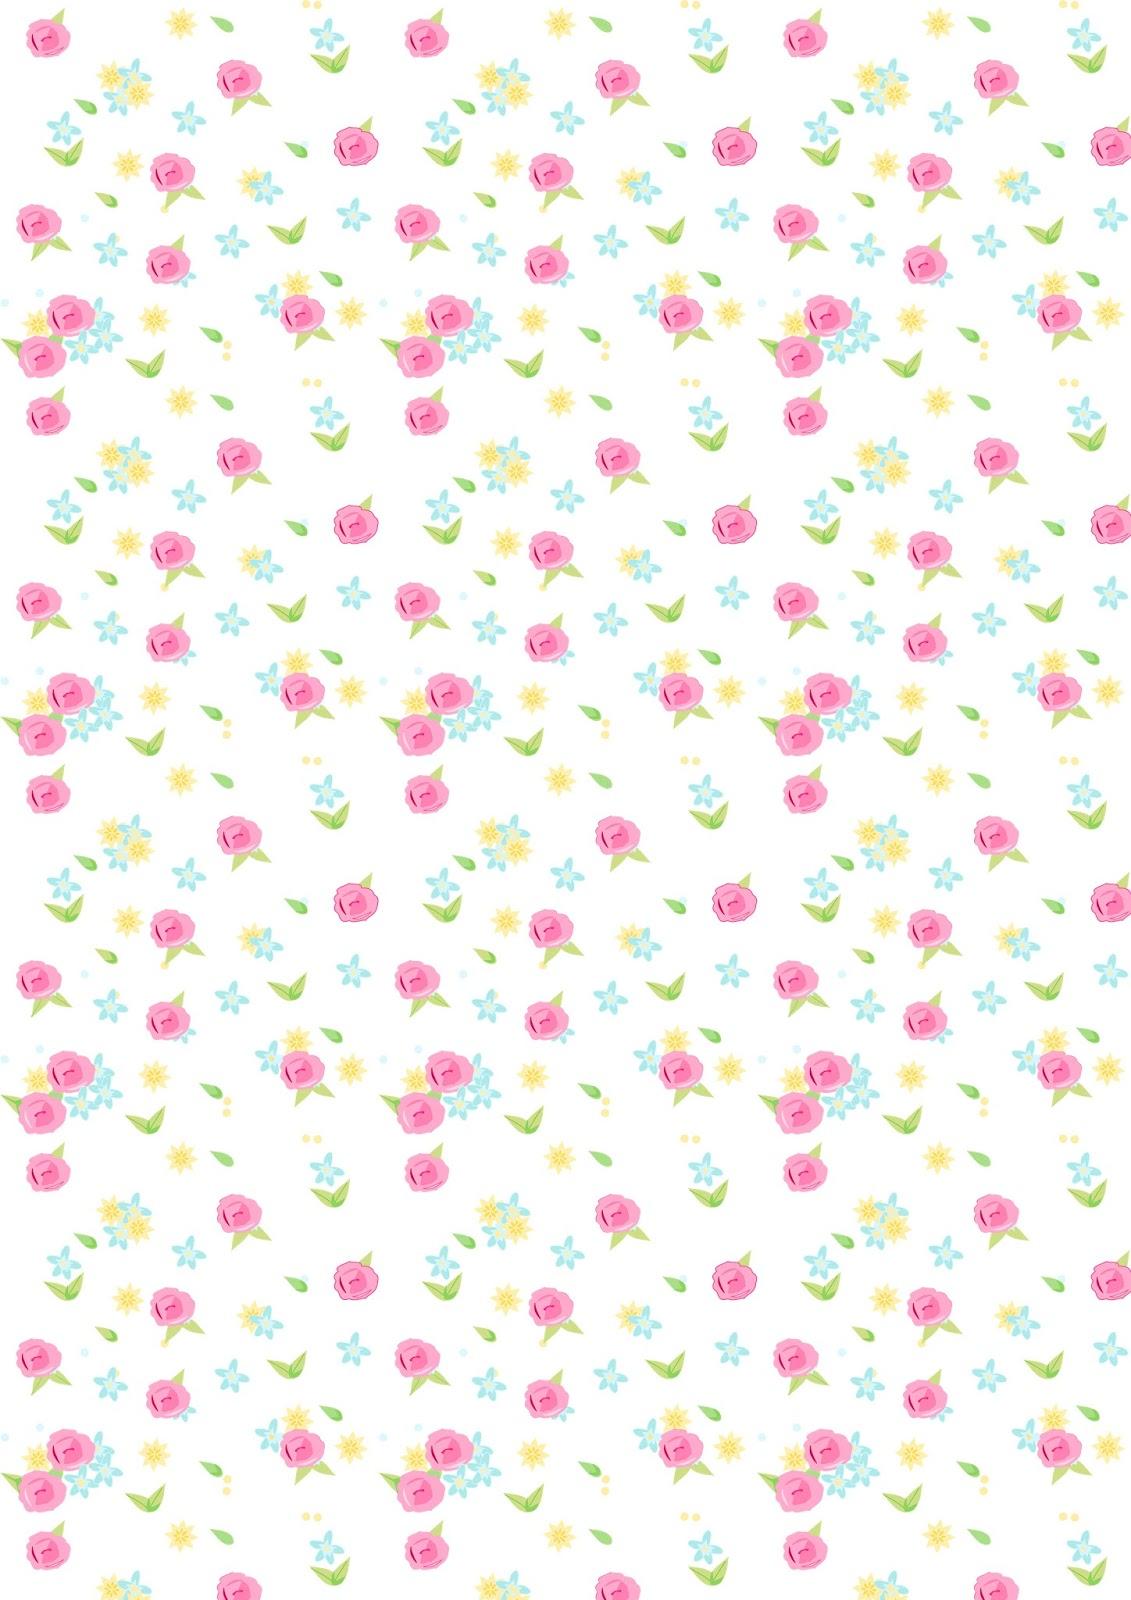 Scrapbook paper examples - Printable Paper Rose Template